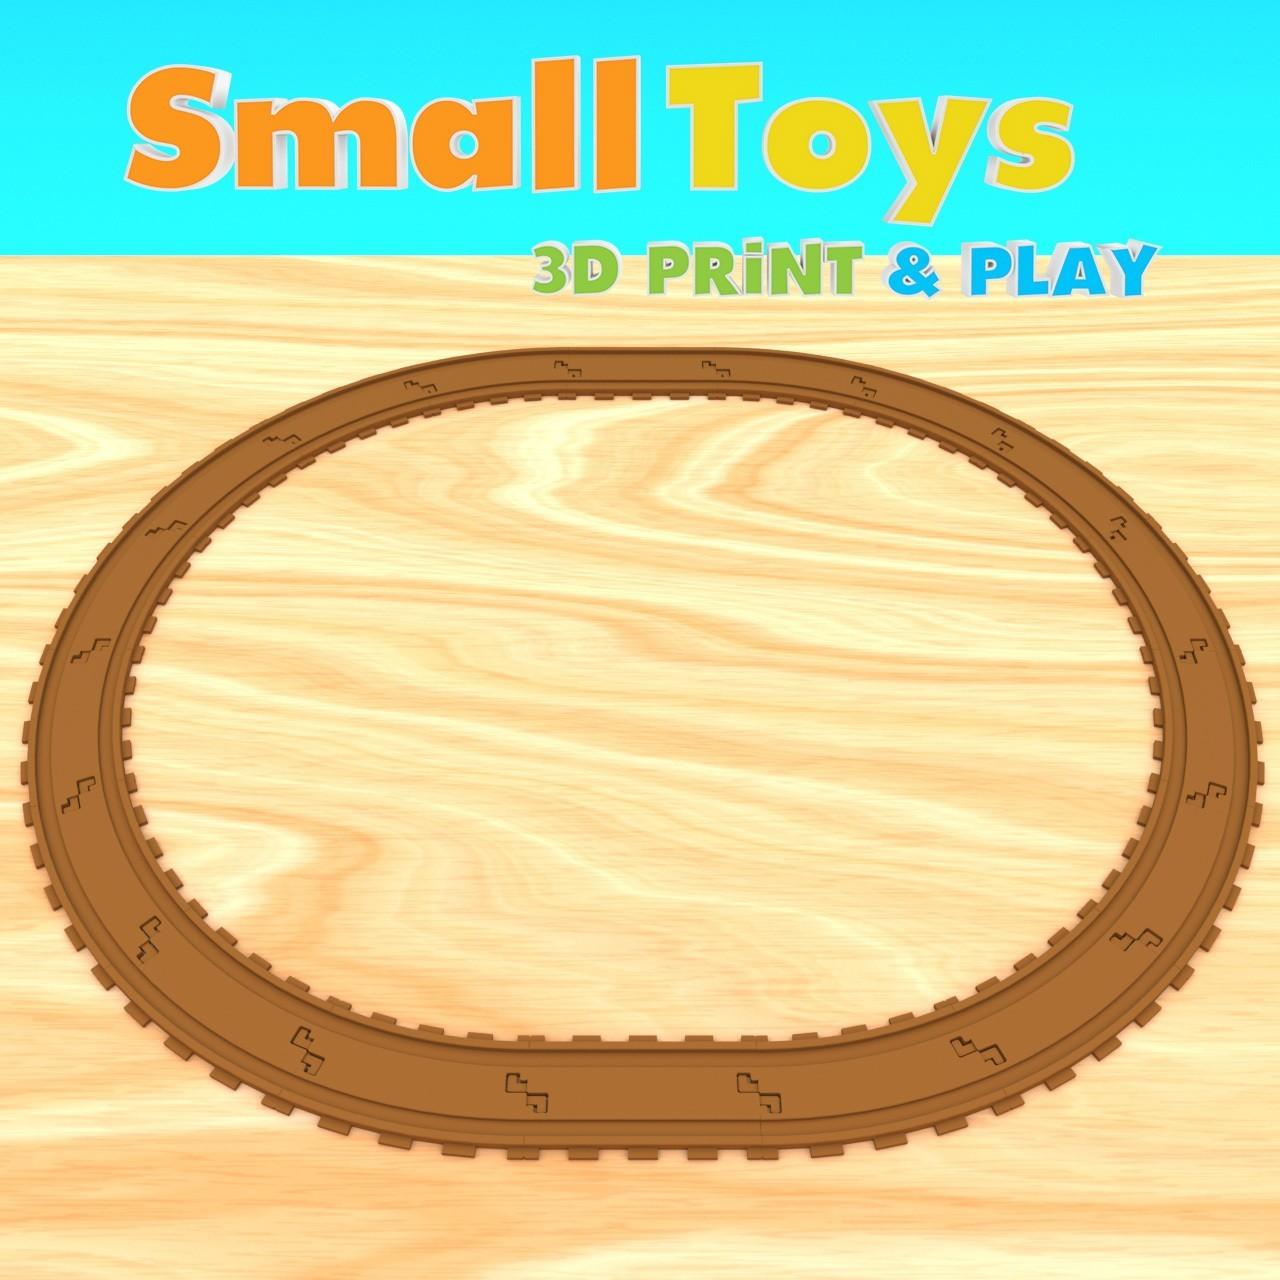 smalltoys-traintracks-straight-curved01.jpg Download STL file SmallToys - Starter Pack • 3D printer model, Wabby